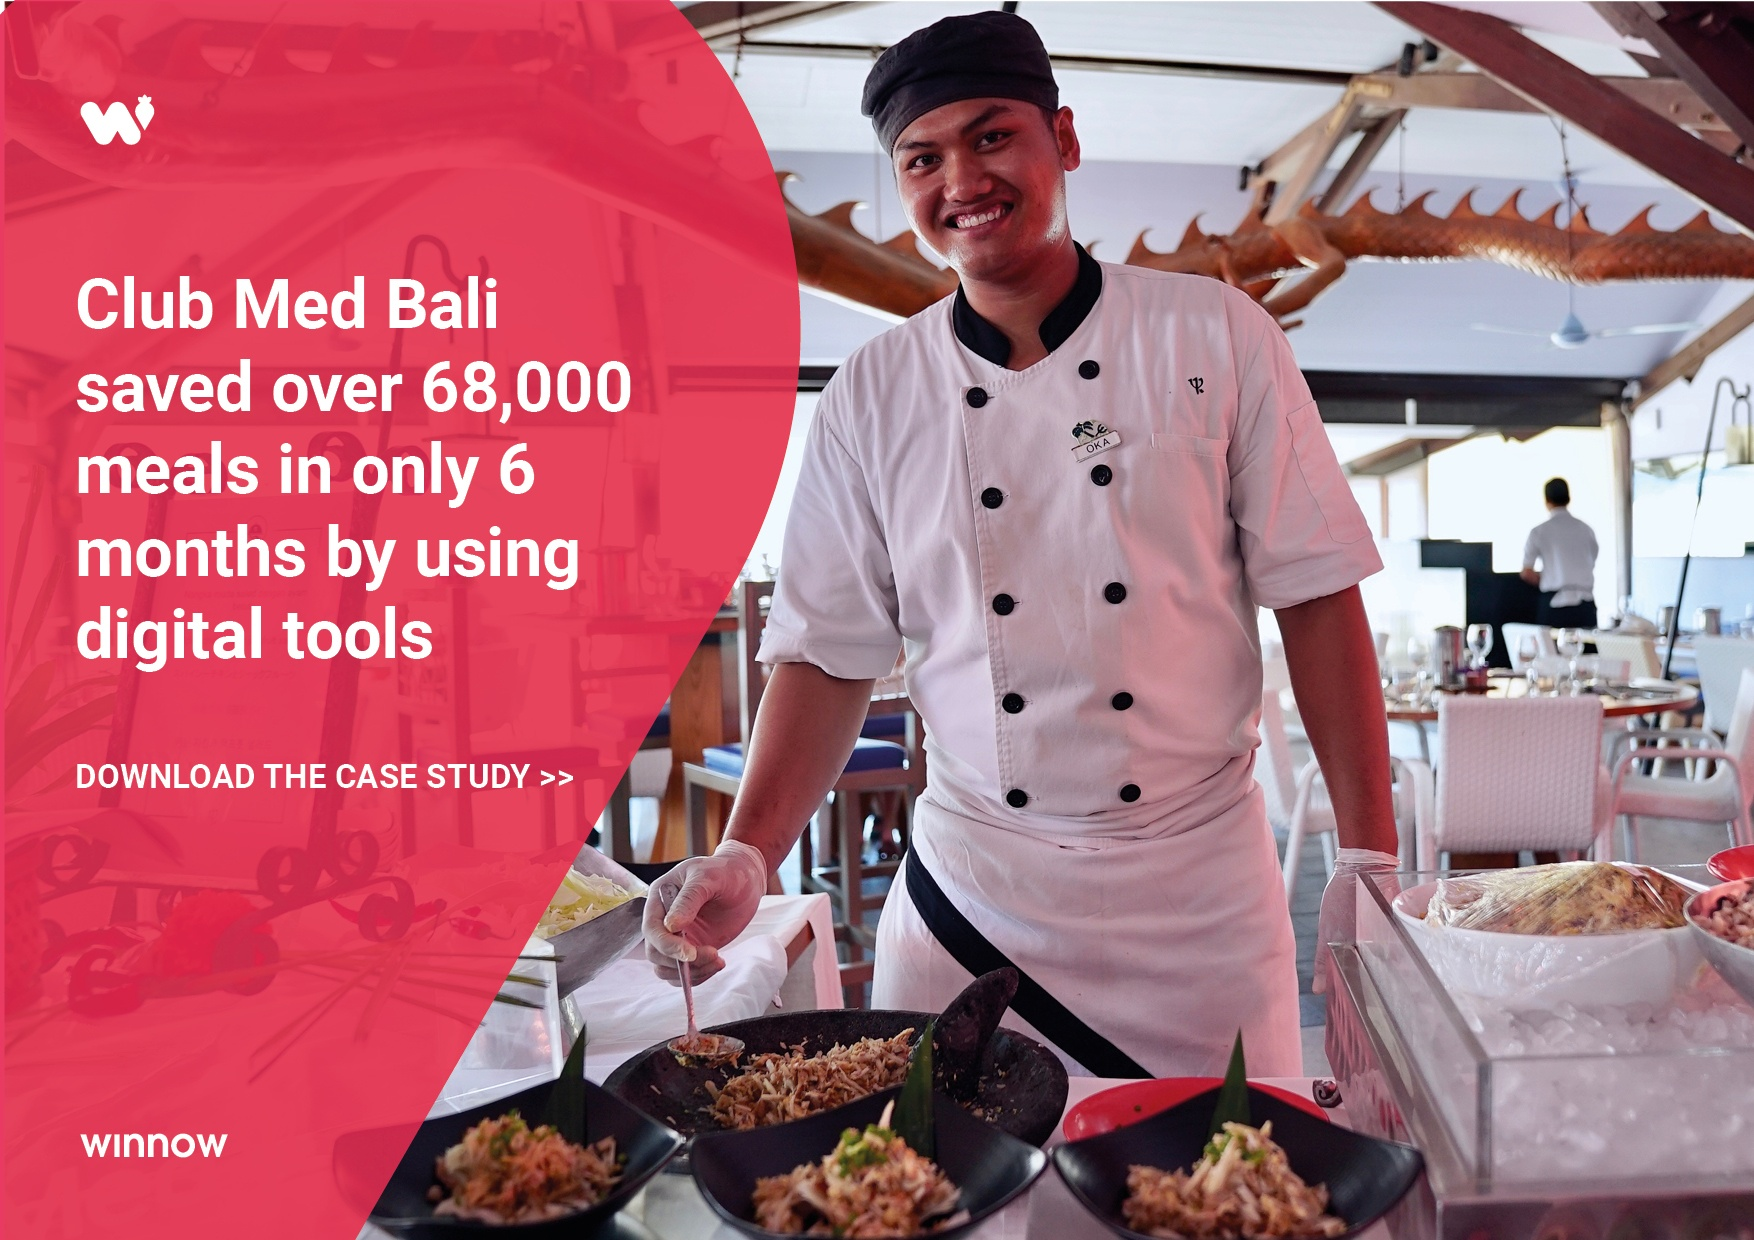 Club Med Bali case study